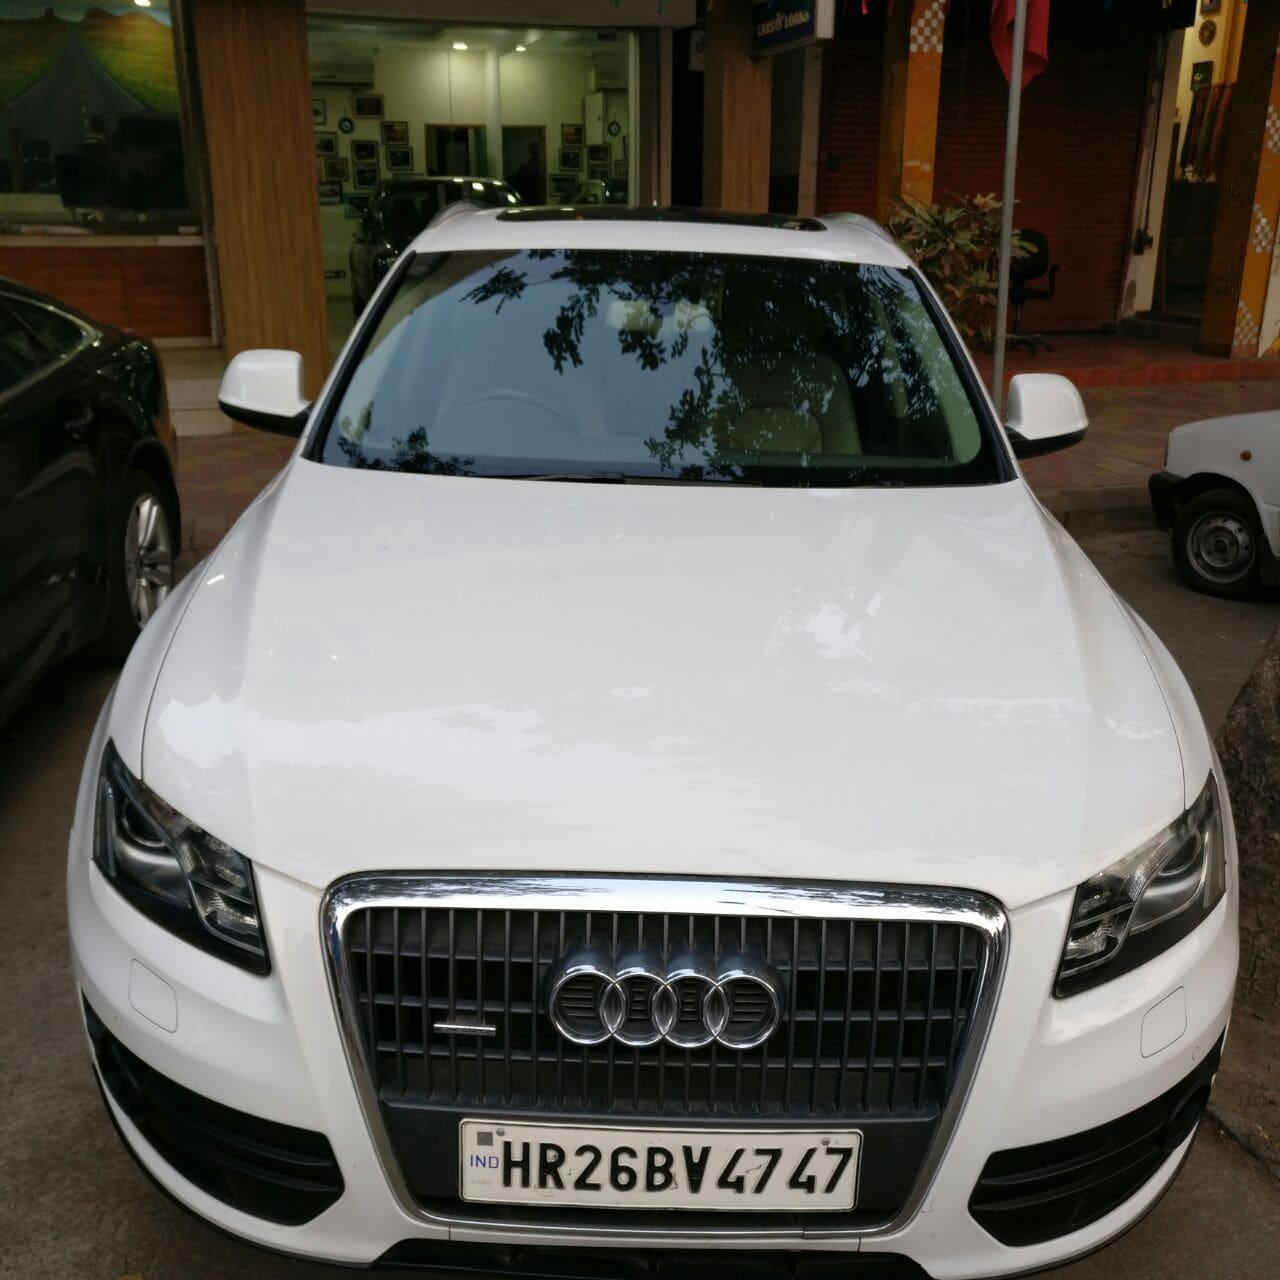 Audi Q5 Price, Specs, Review, Pics & Mileage In India